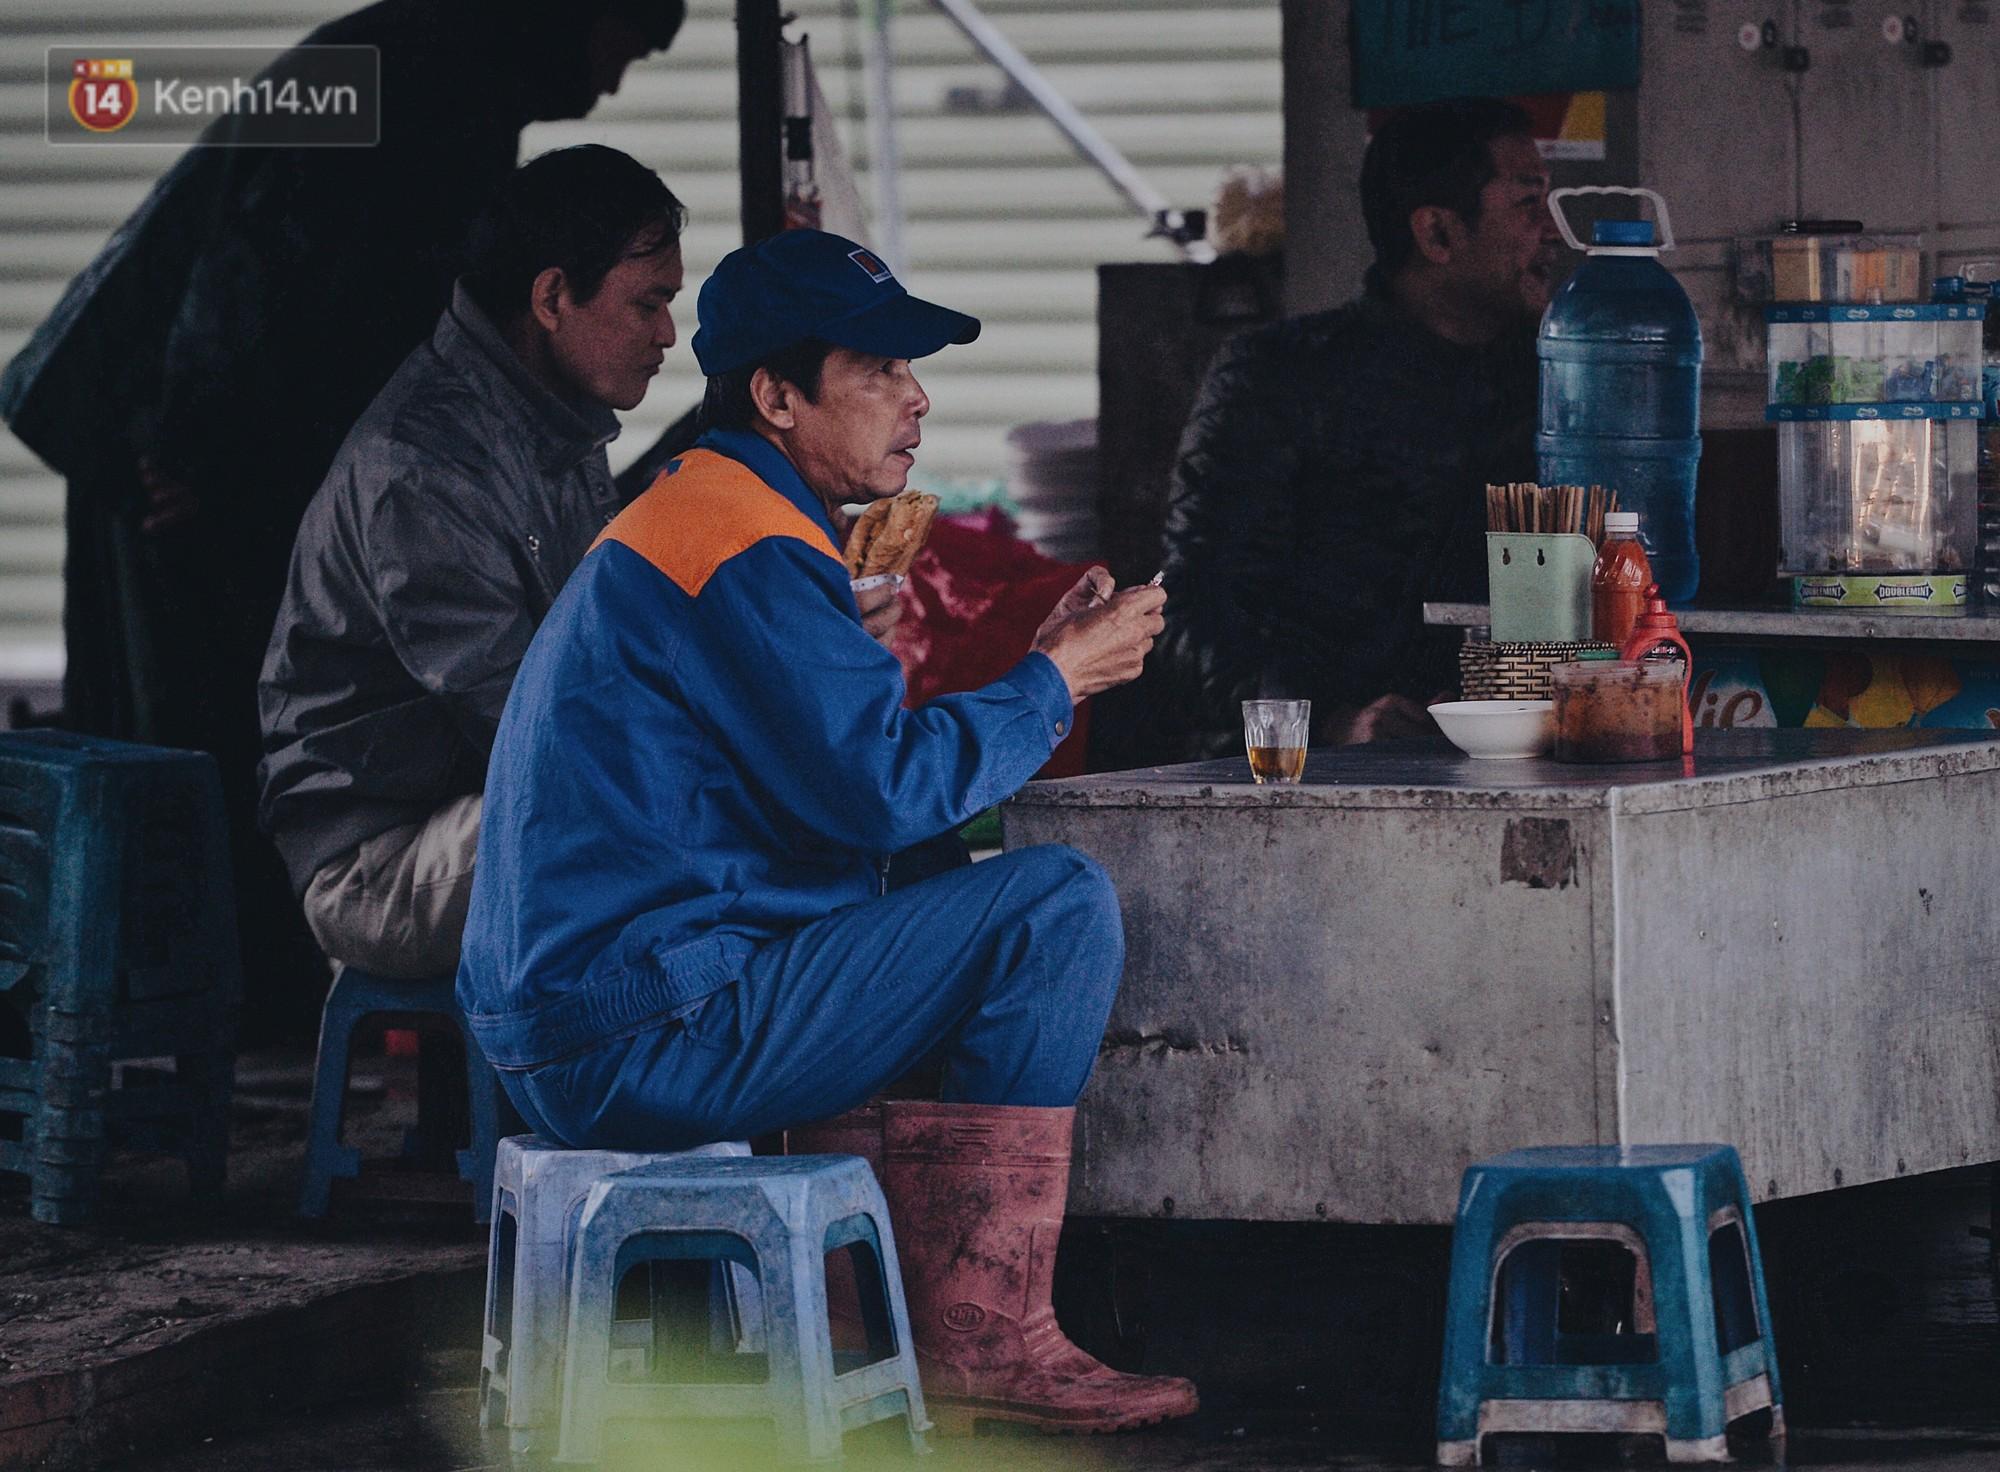 Chùm ảnh: Sau một đêm trở gió Hà Nội mưa lạnh xuống đến 17 độ C, người dân co ro ra đường - Ảnh 12.